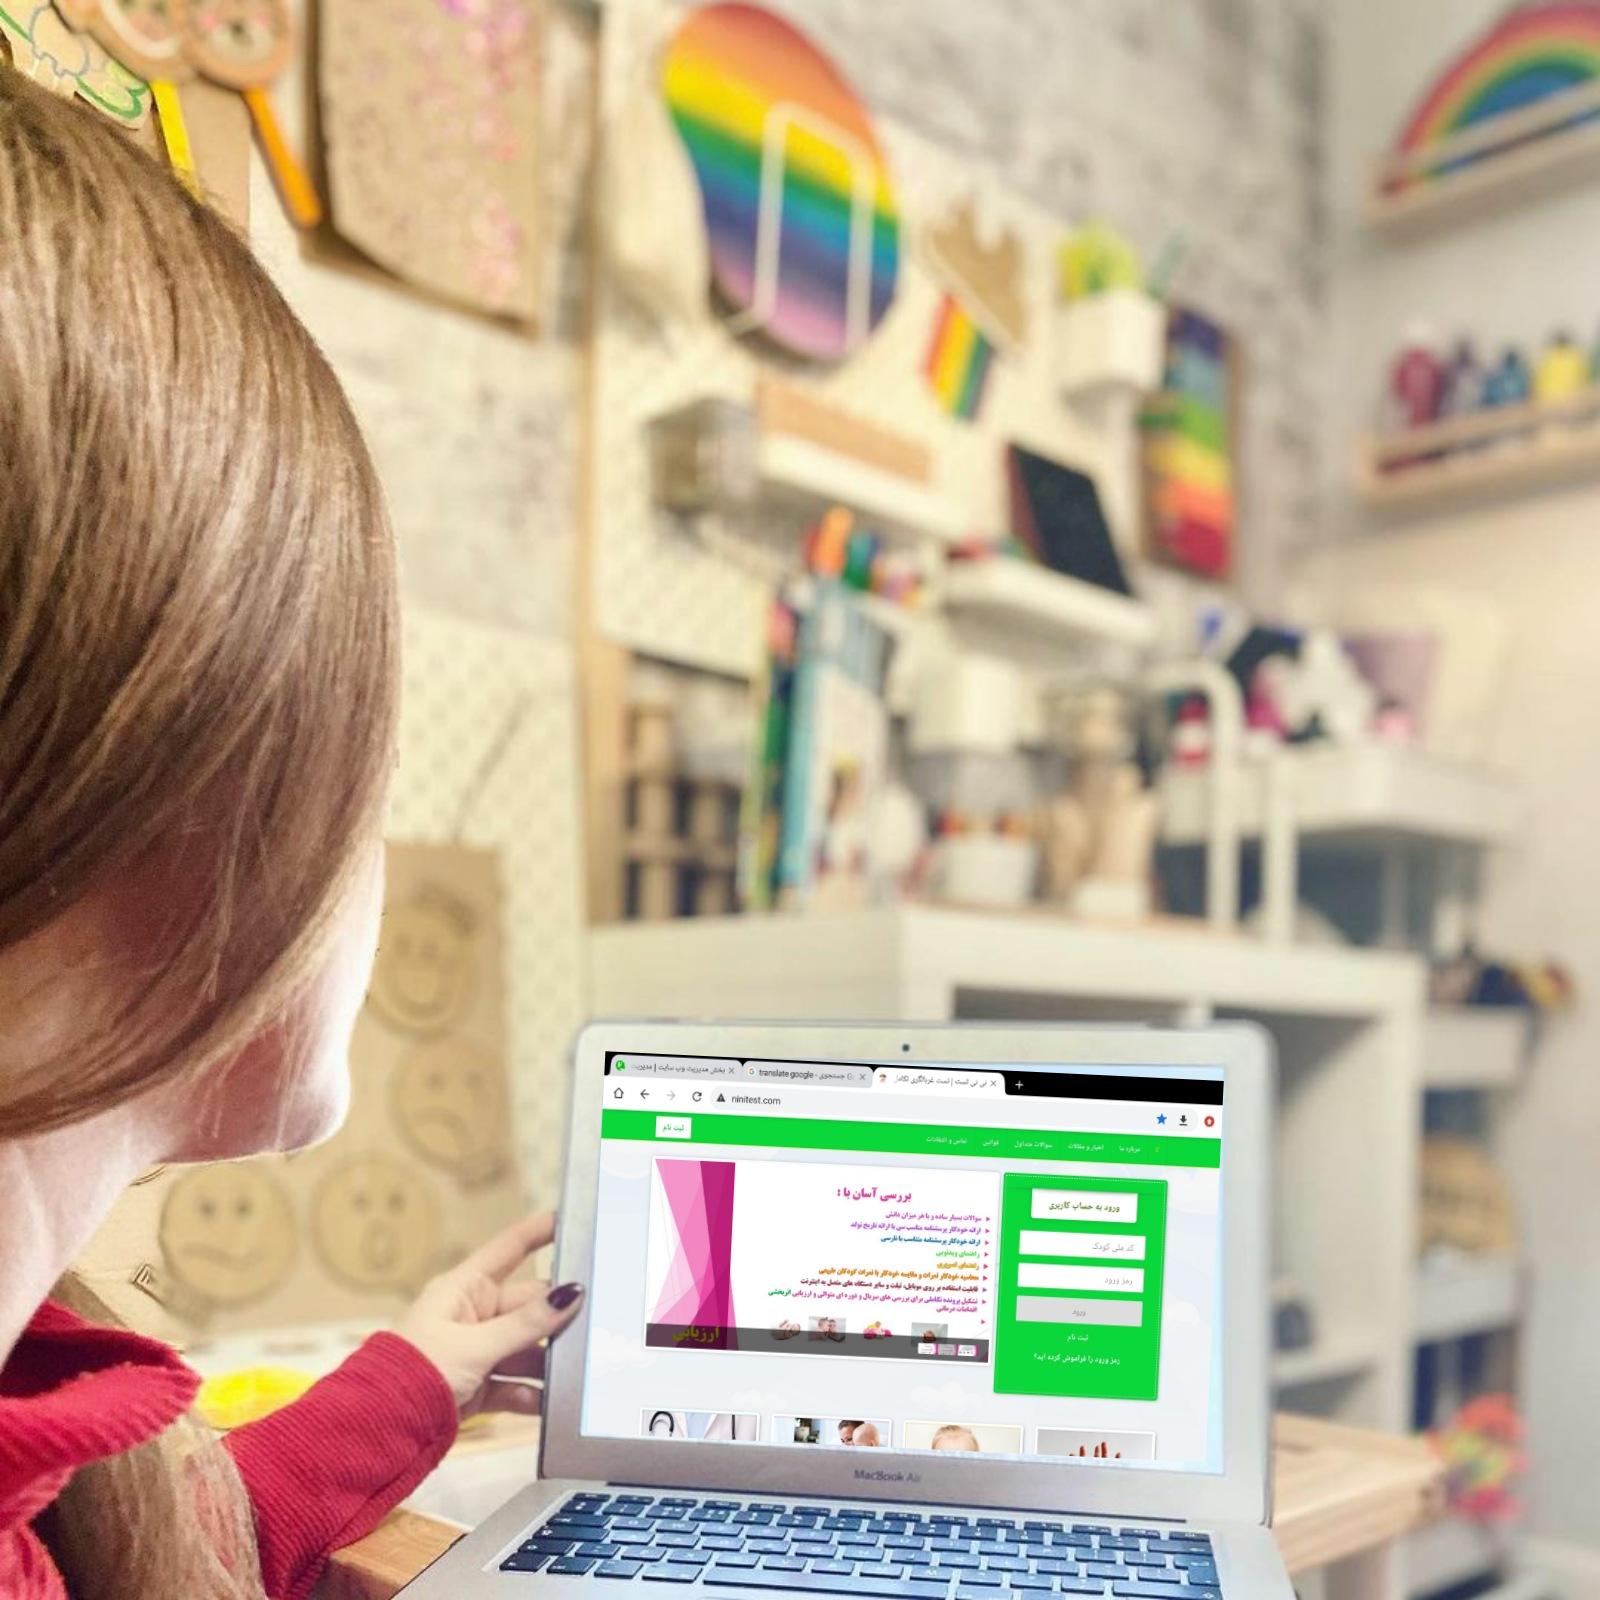 پست های ایستاگرامی در زمینه تکامل و مرتبط با وب سایت